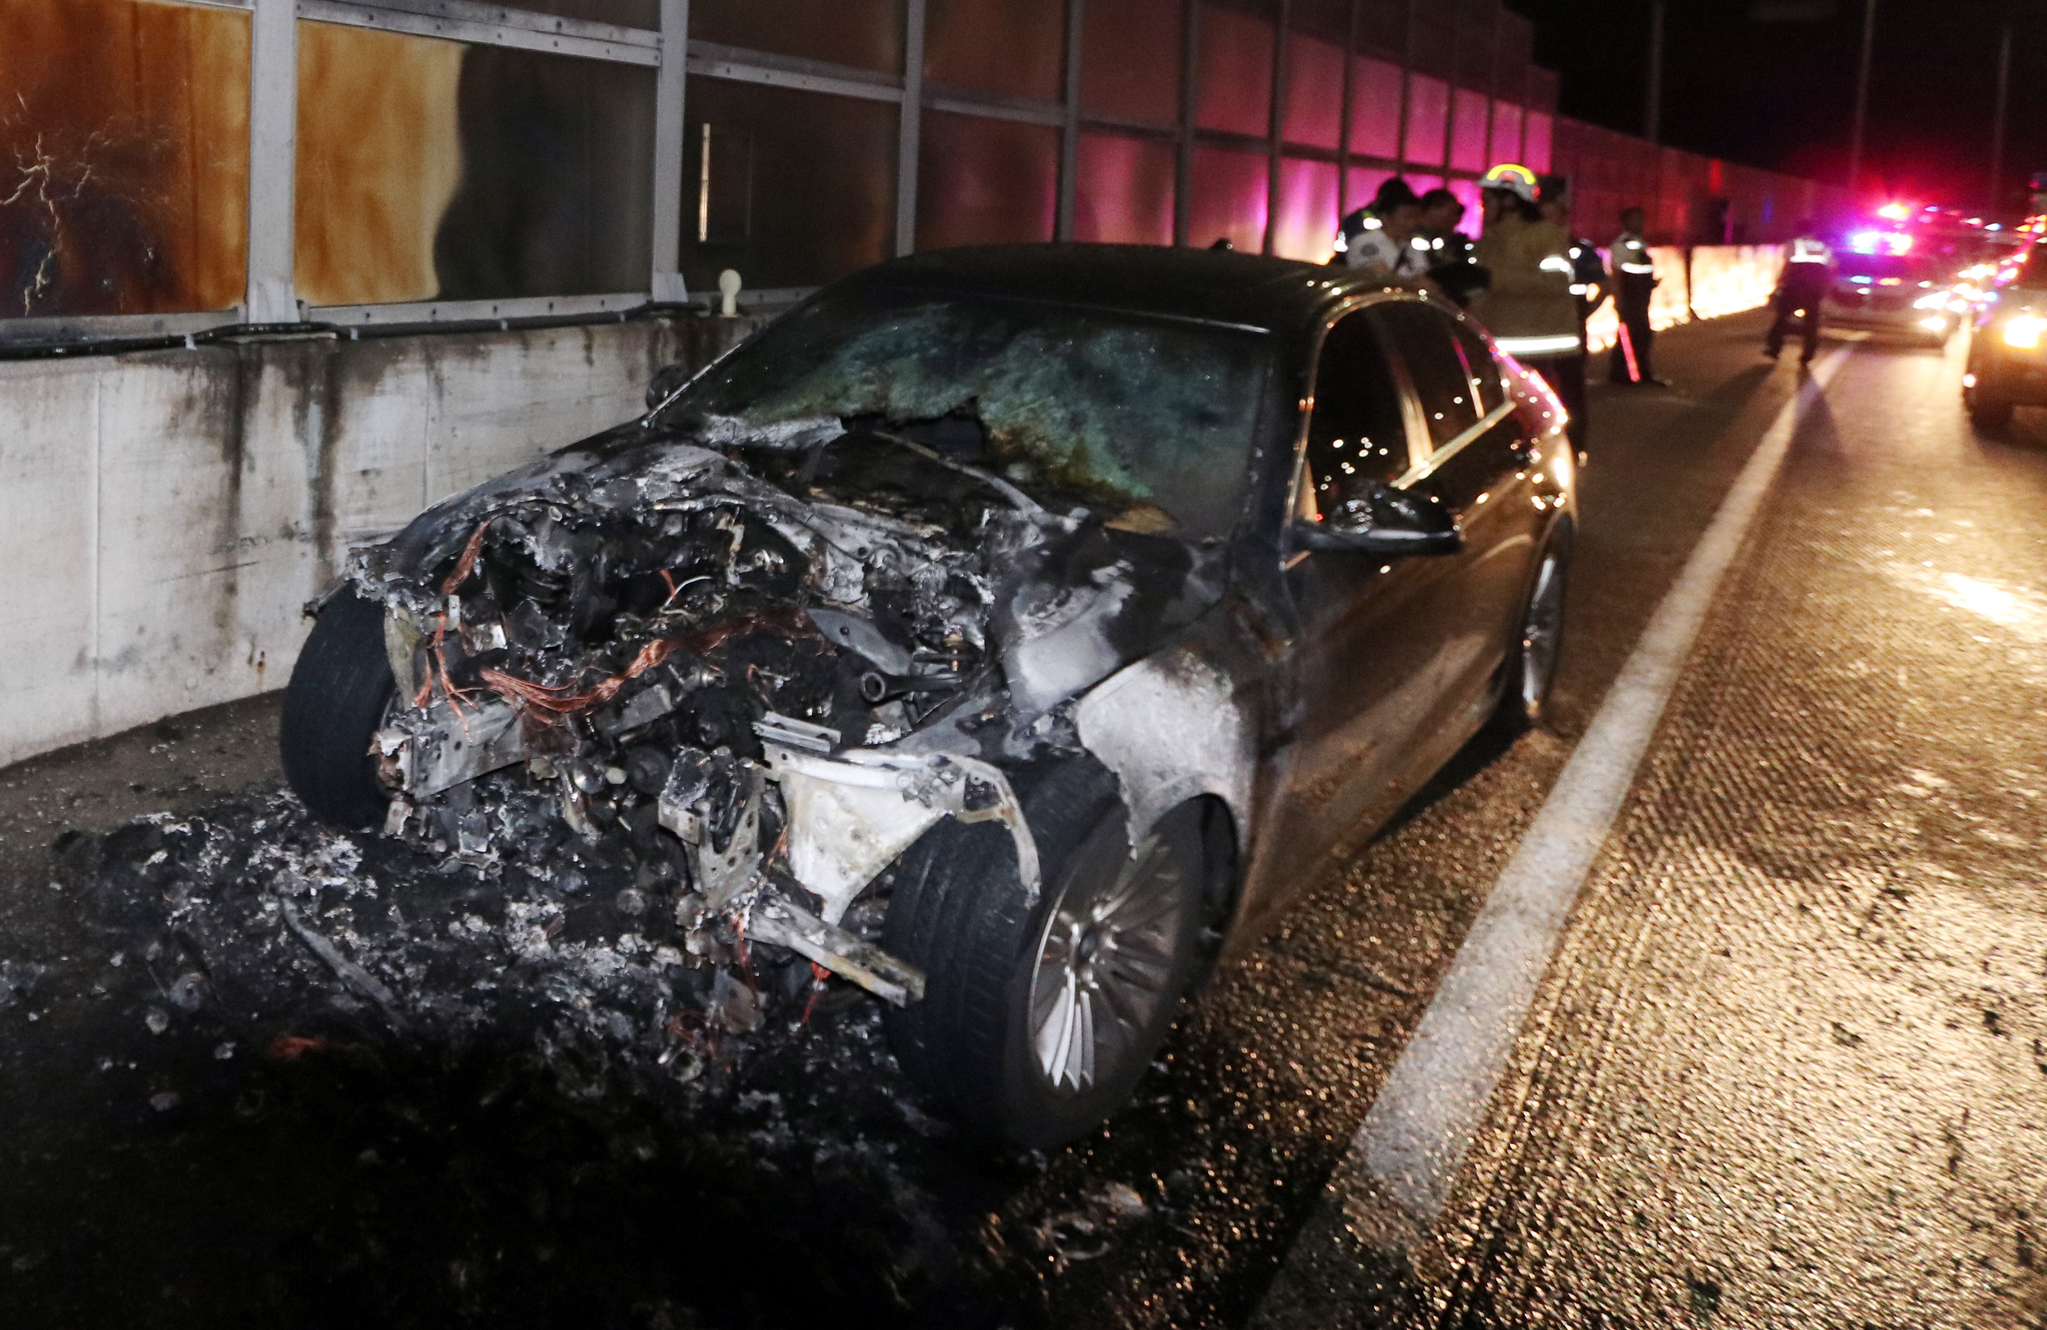 23일 오전 0시 10분쯤 인천시 남동구 서울외곽순환고속도로 장수IC로부터 일산 방면으로 1㎞ 떨어진 지점을 주행하던 BMW 520d 승용차에서 화재가 발생했다. [사진 인천소방본부]